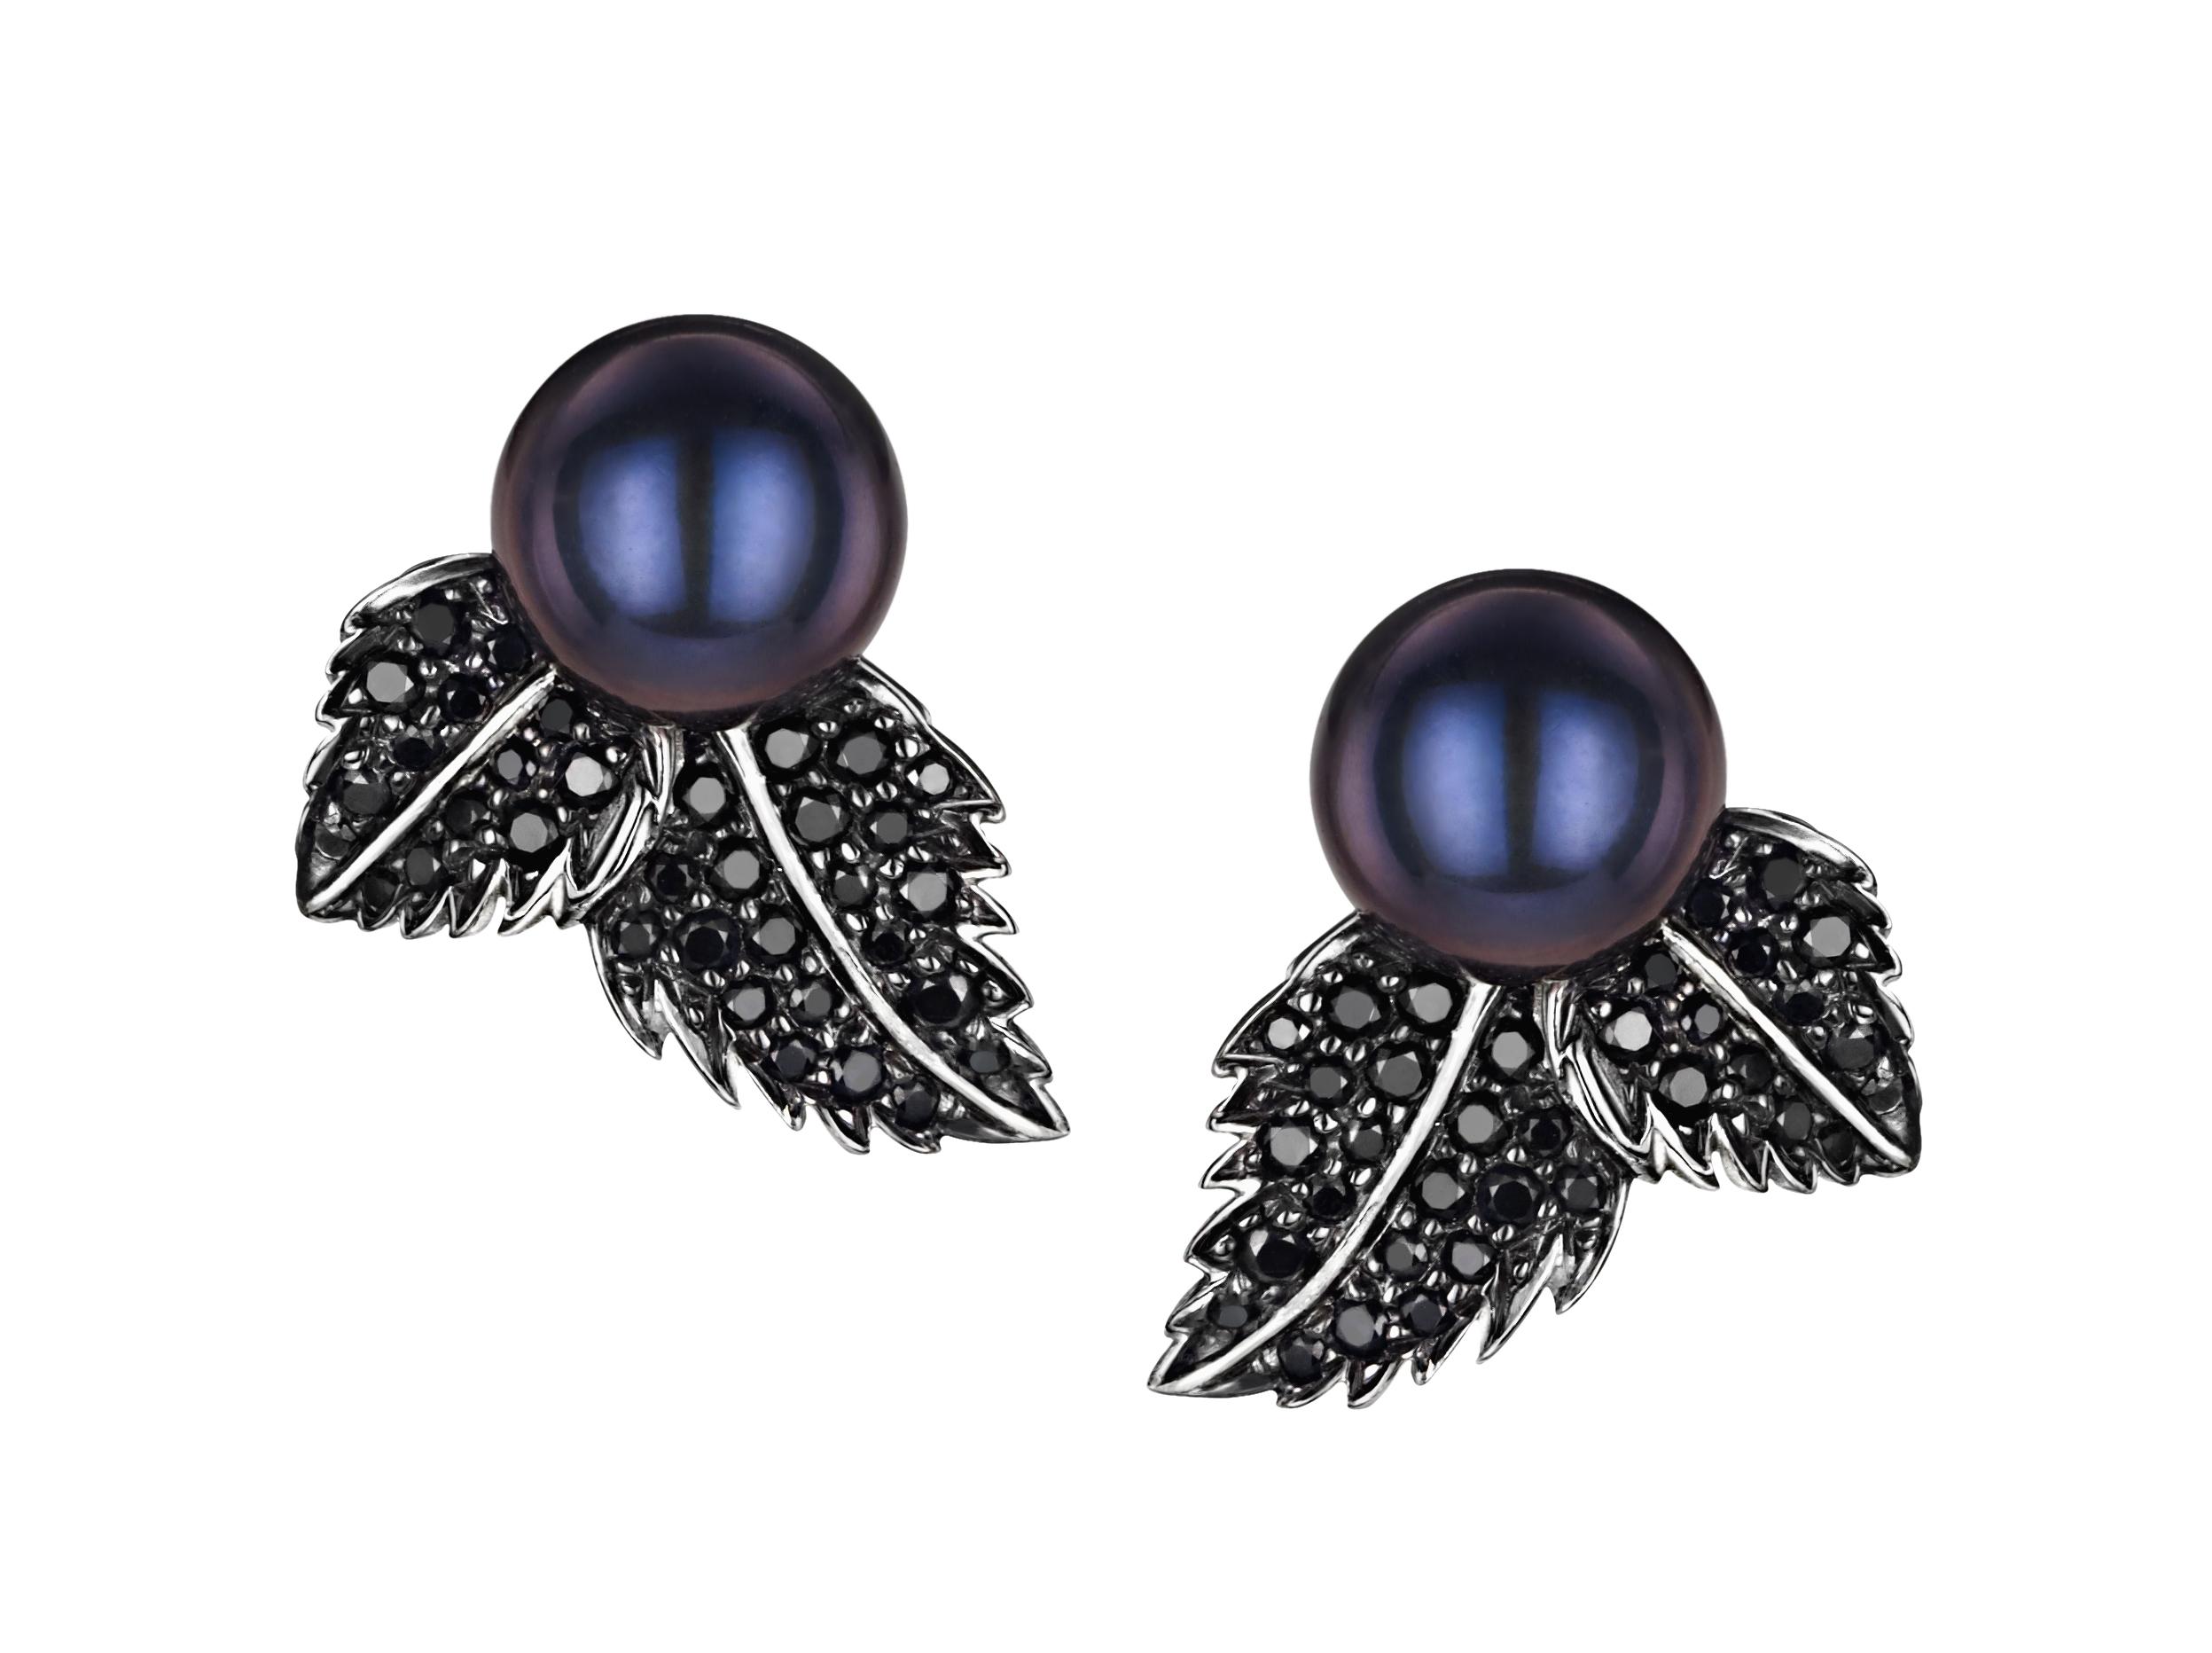 Zilveren oorbellen met zwarte edelstenen.